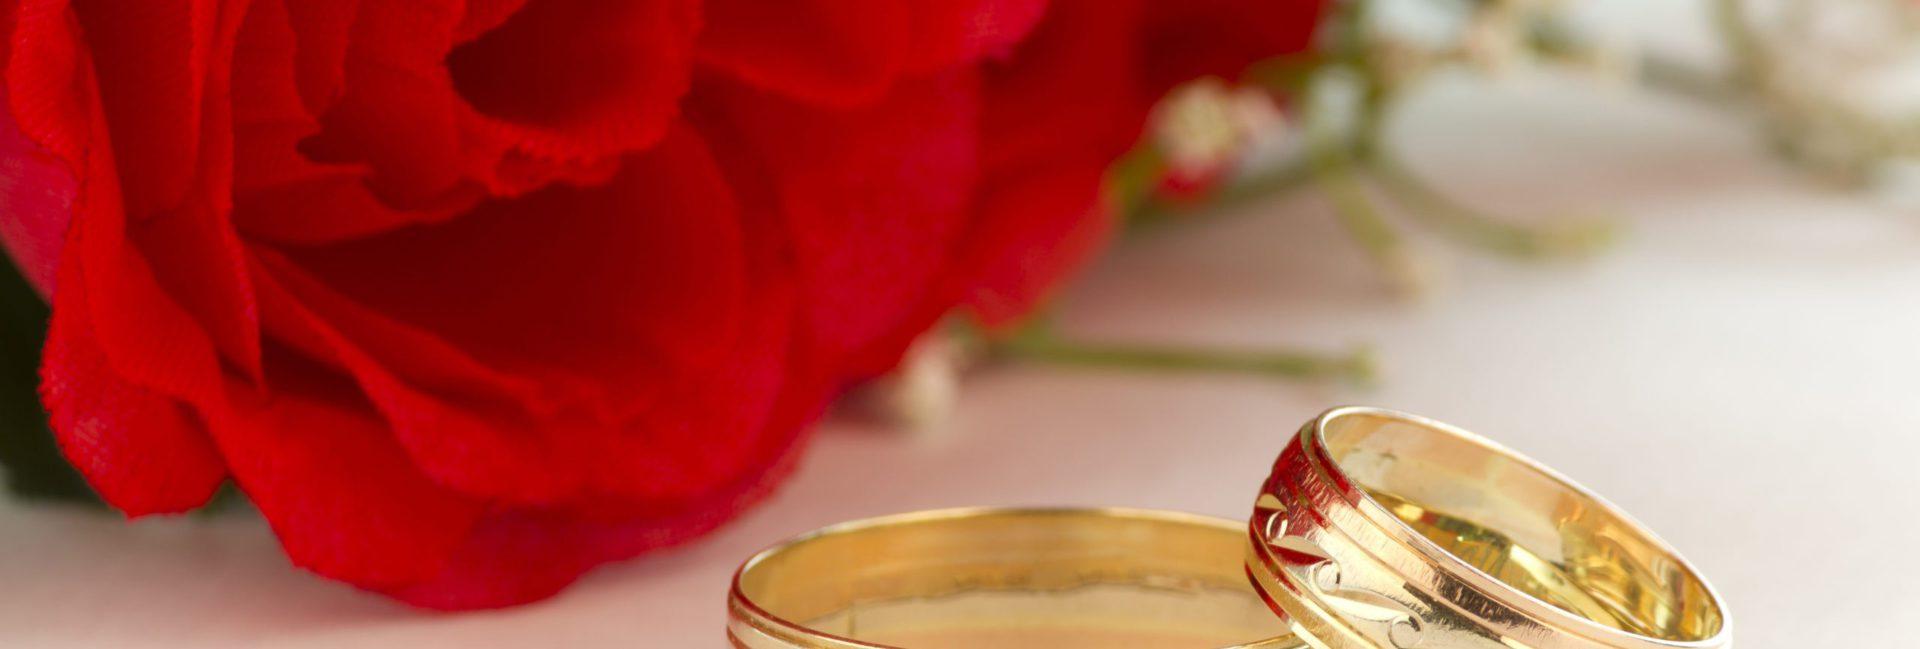 Золотая свадьба- 50 лет свадебной годовщины